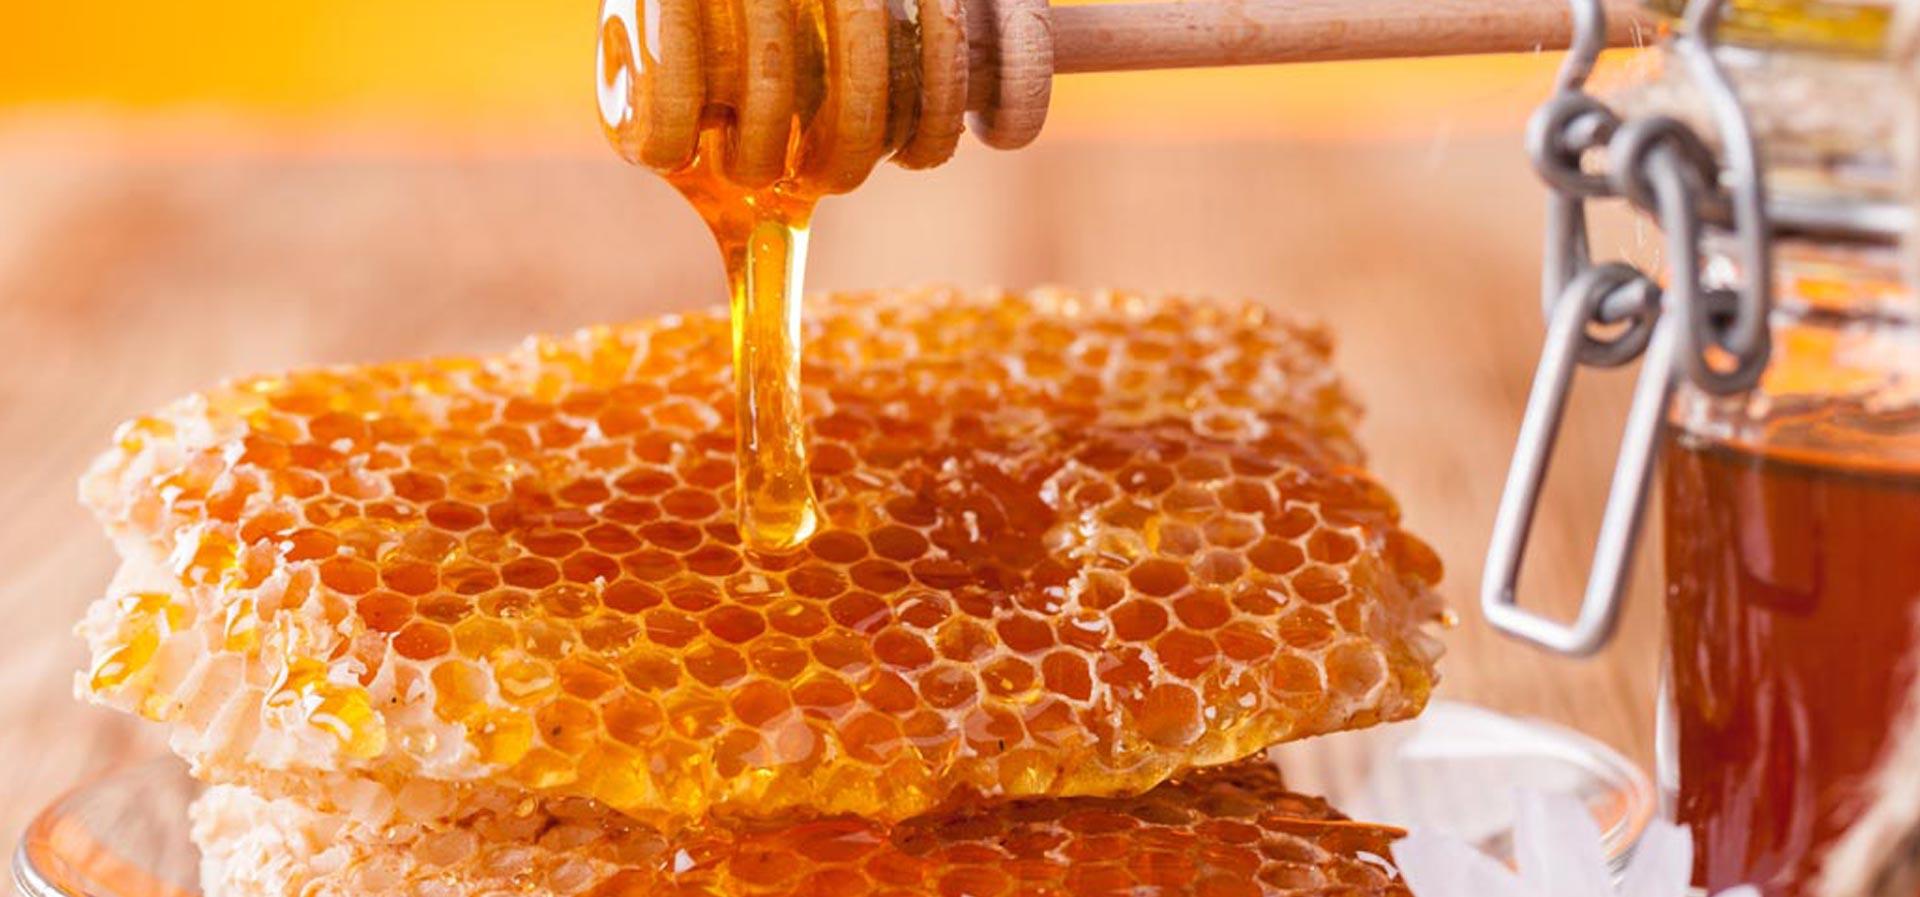 پاکسازی صورت با عسل